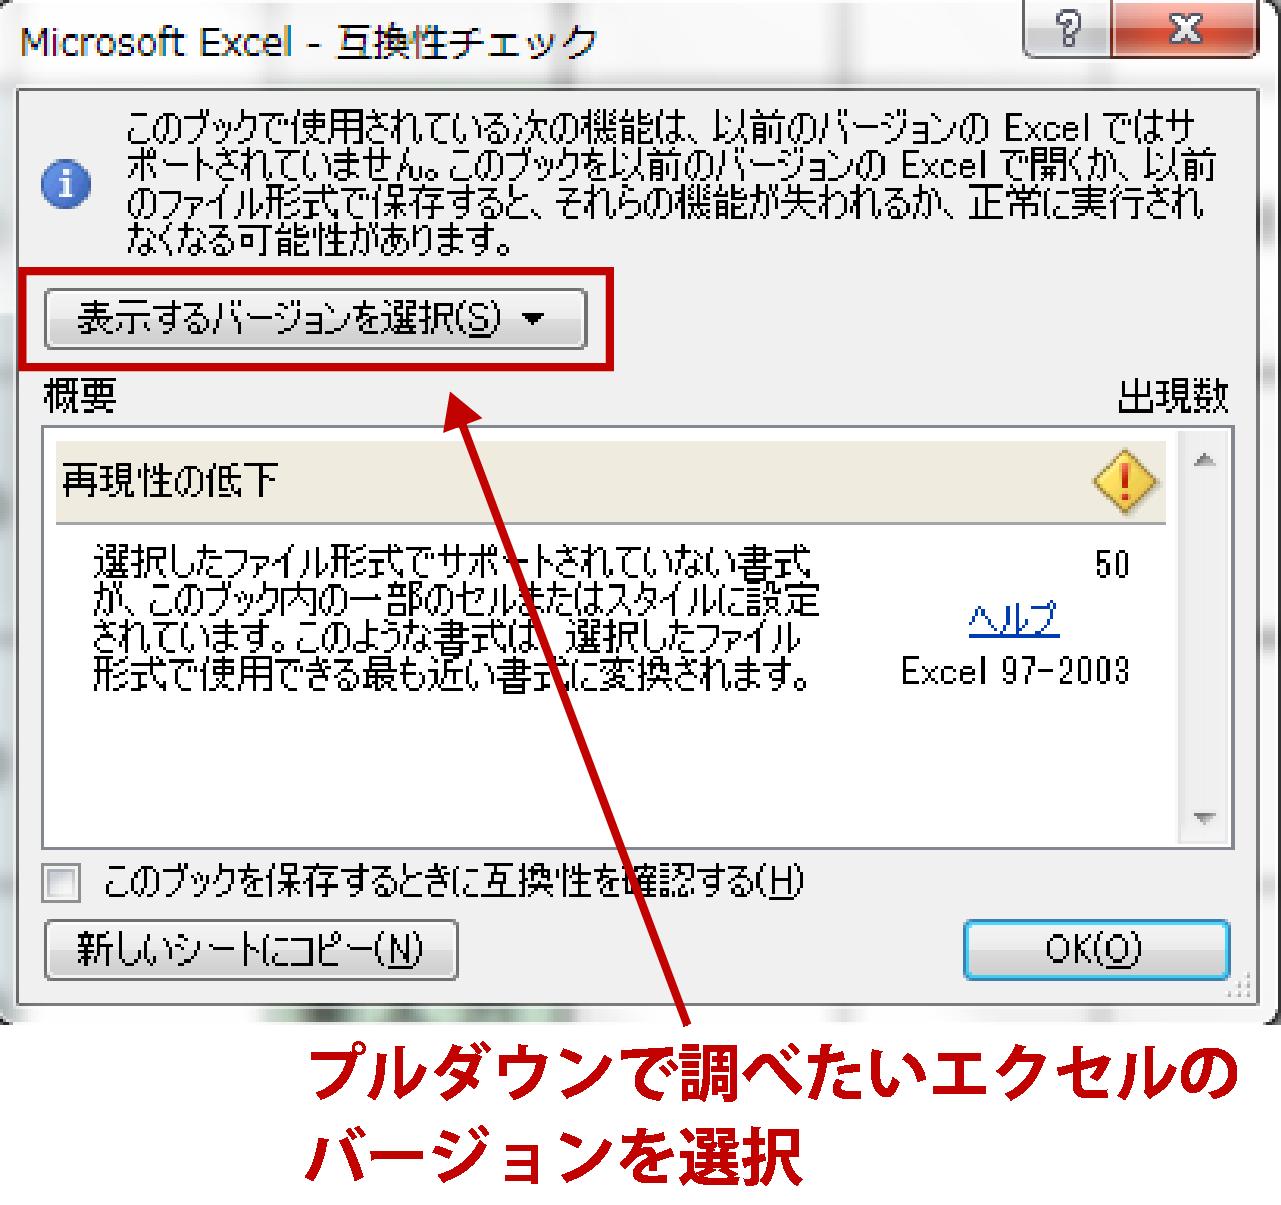 エクセル互換モード解説画像